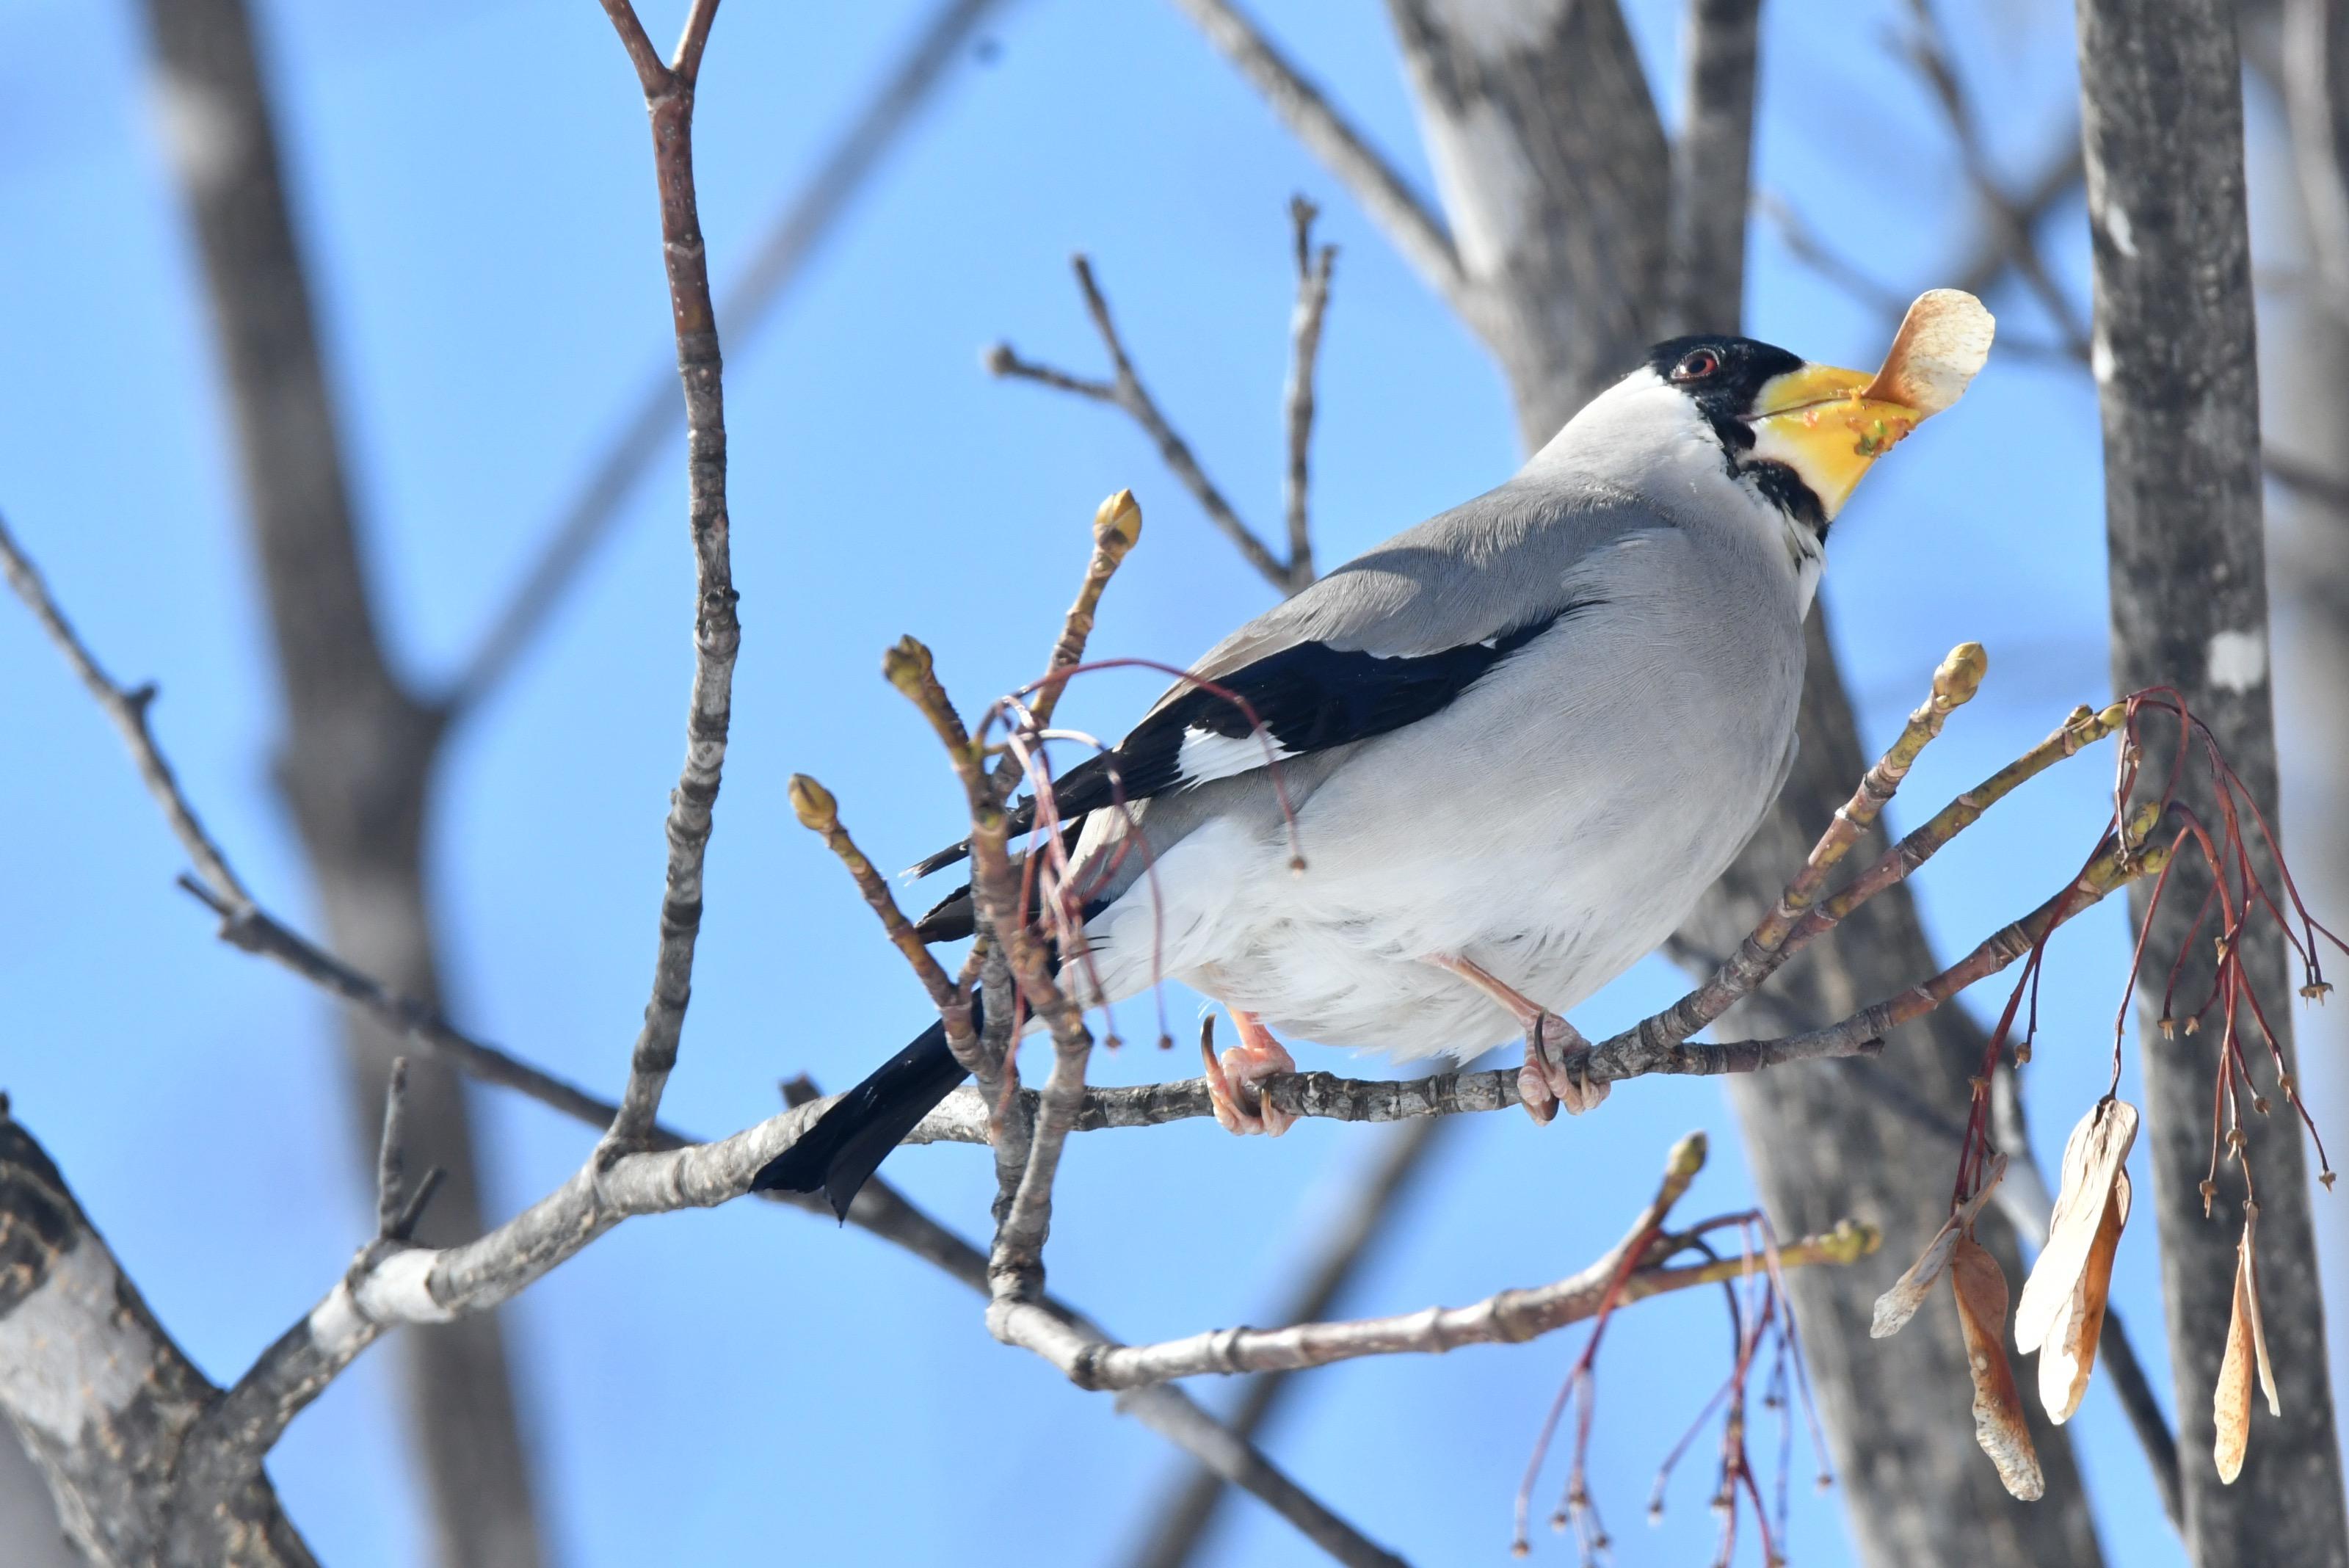 楓の種を食べる越冬イカル